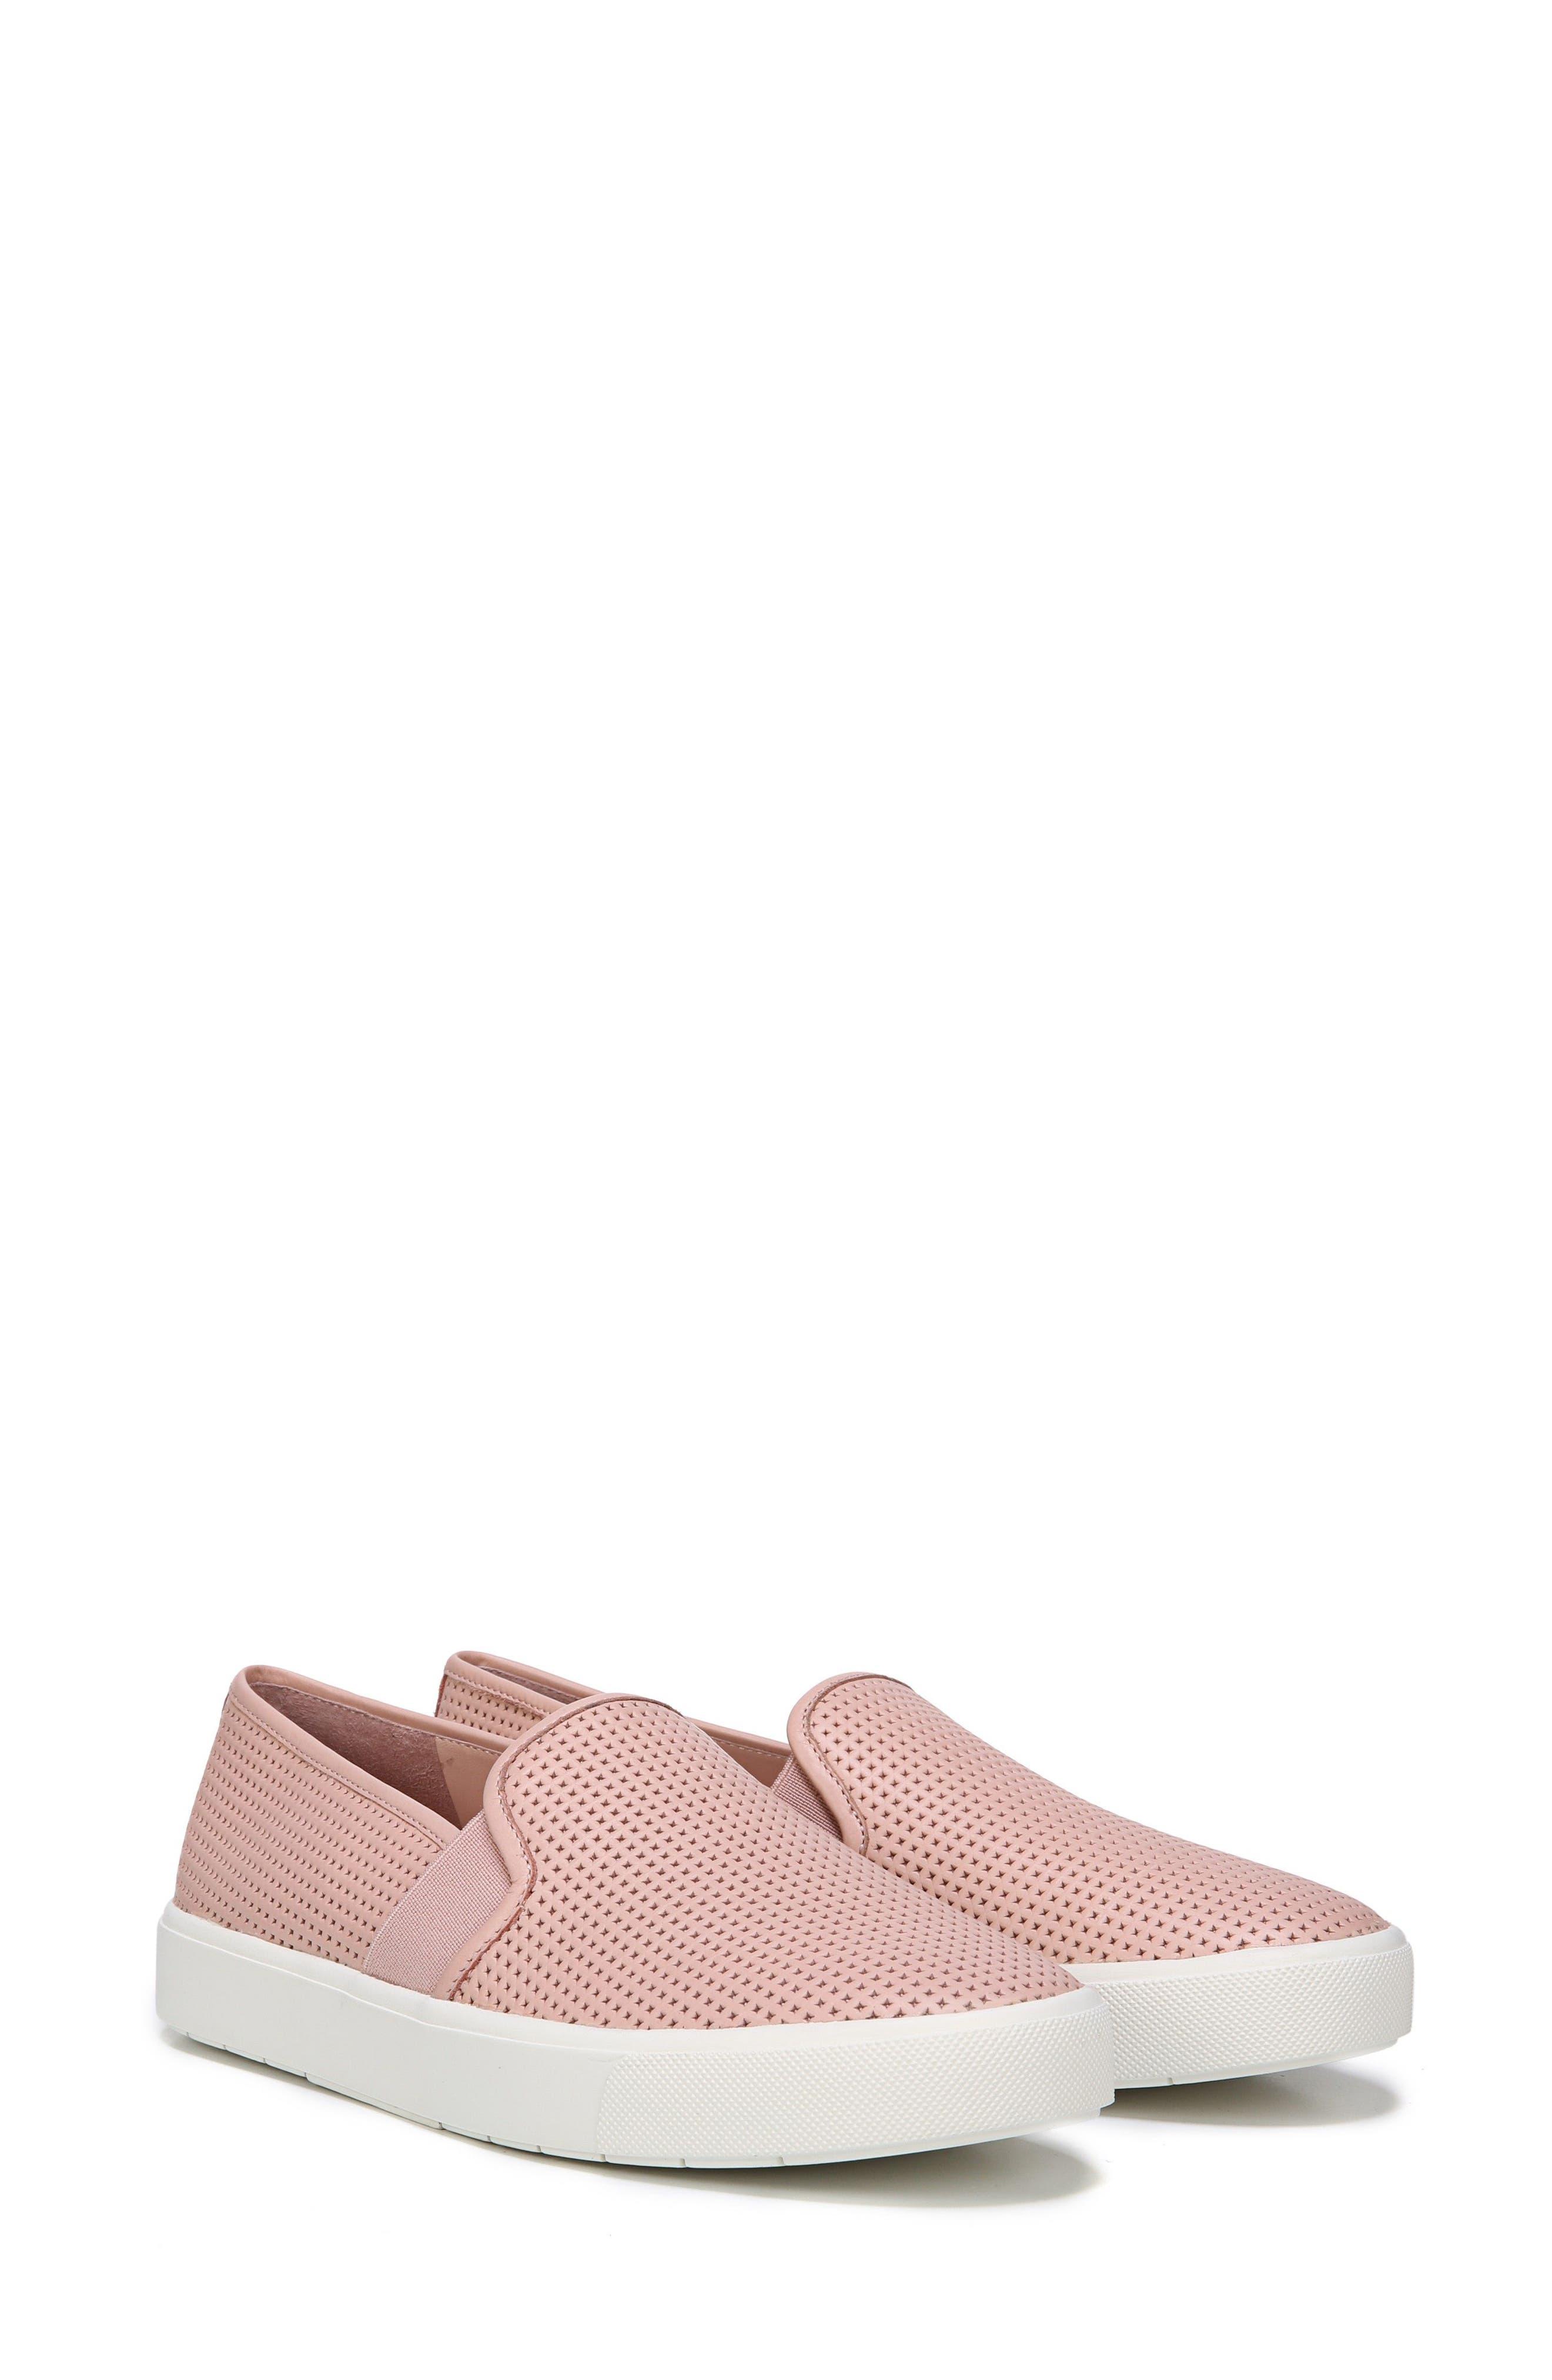 Blair 5 Slip-On Sneaker,                             Alternate thumbnail 7, color,                             ROSE